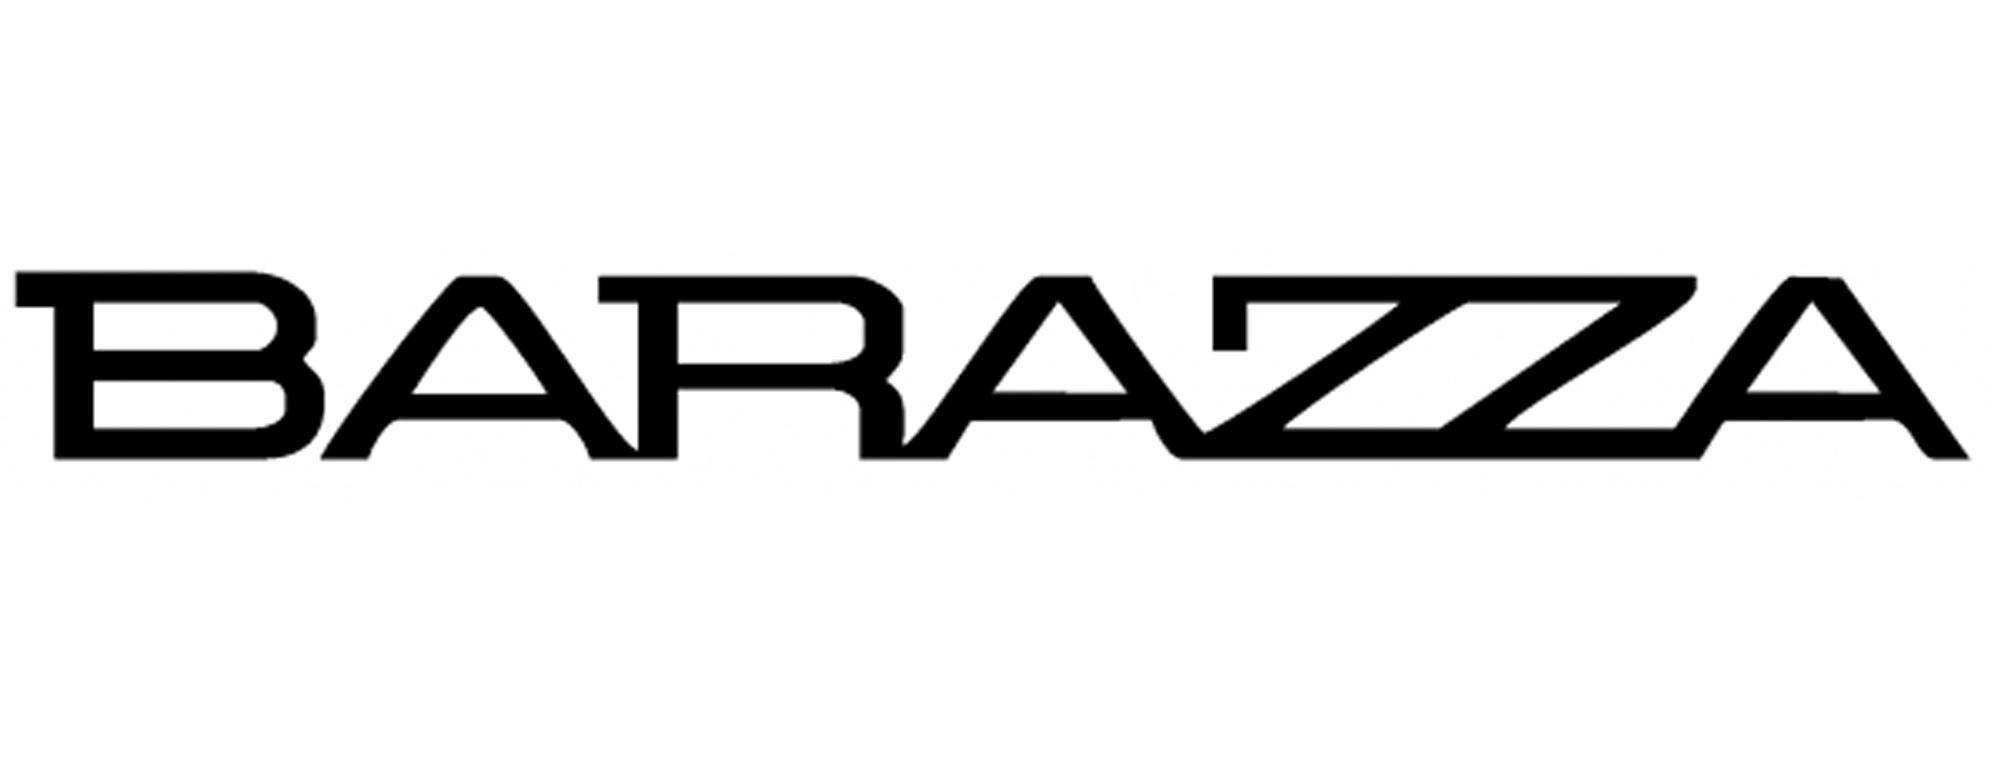 barazza-logo.jpg